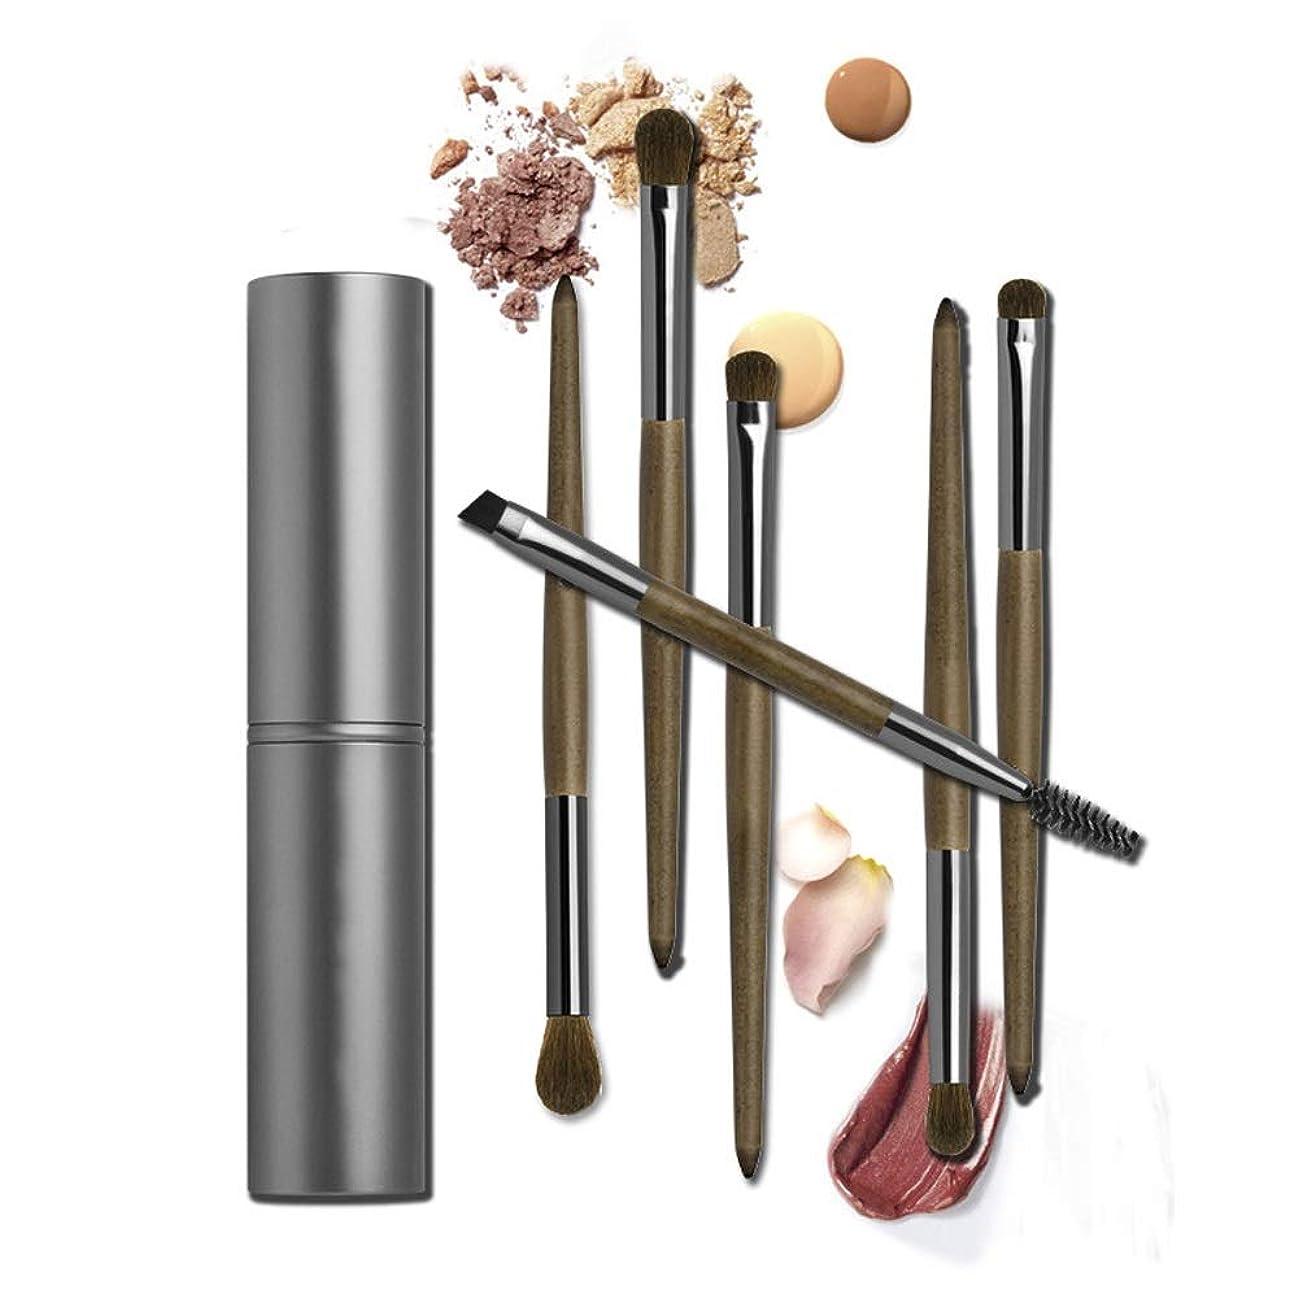 年次検査ホイップ化粧用品 メイクアップブラシキットアイシャドウブレンドエッセンシャルアイ化粧品コンシーラーツール6個